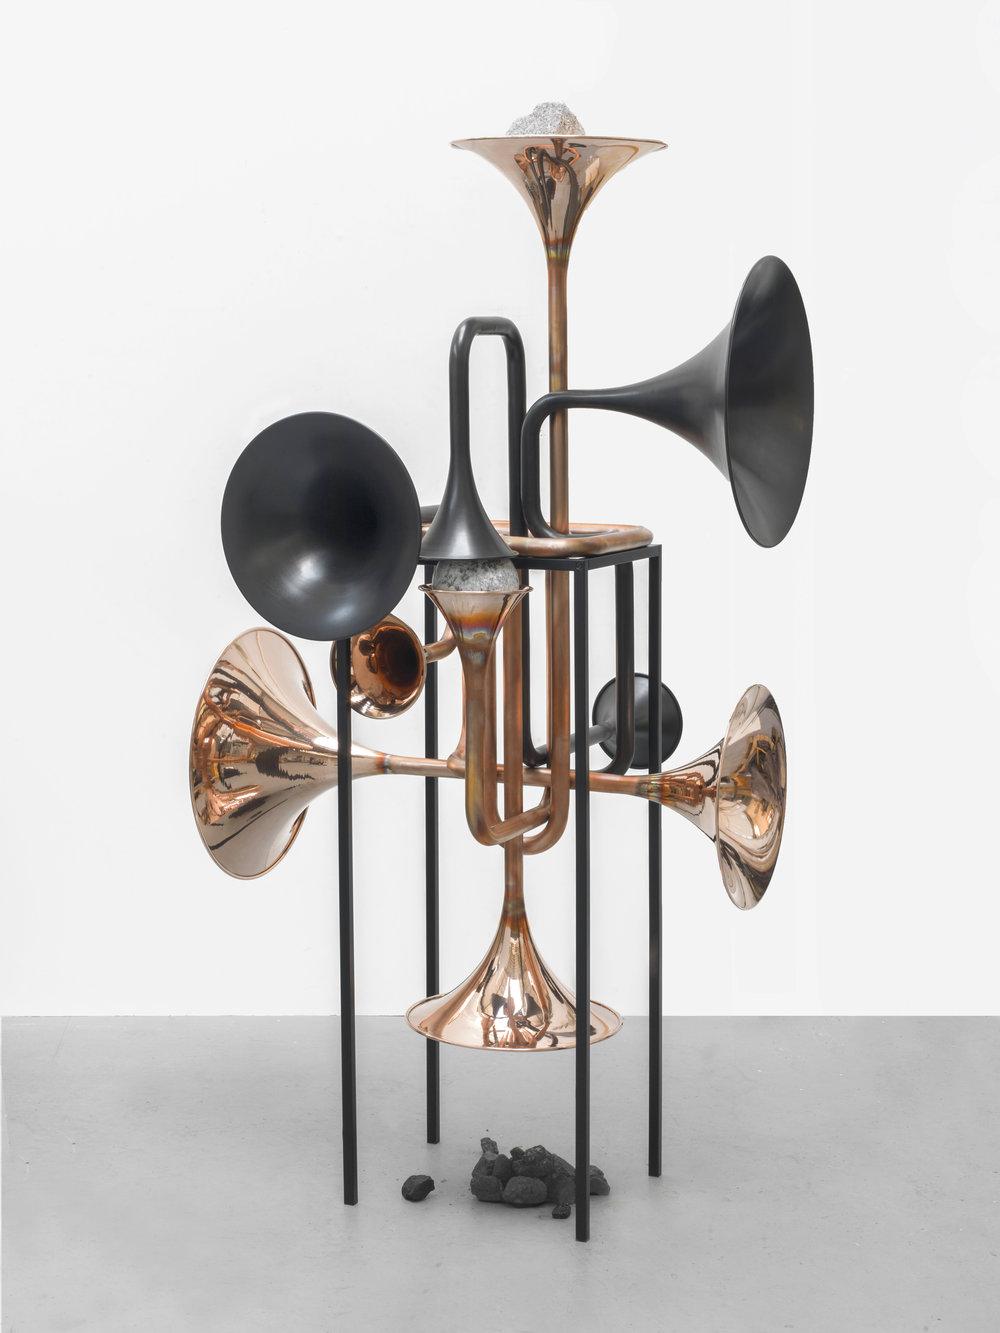 Alicja Kwade, Hypothetisches Gebilde König Galerie  copper, powder coated steel 196.5 × 130.0 × 121.0 Size (cm)